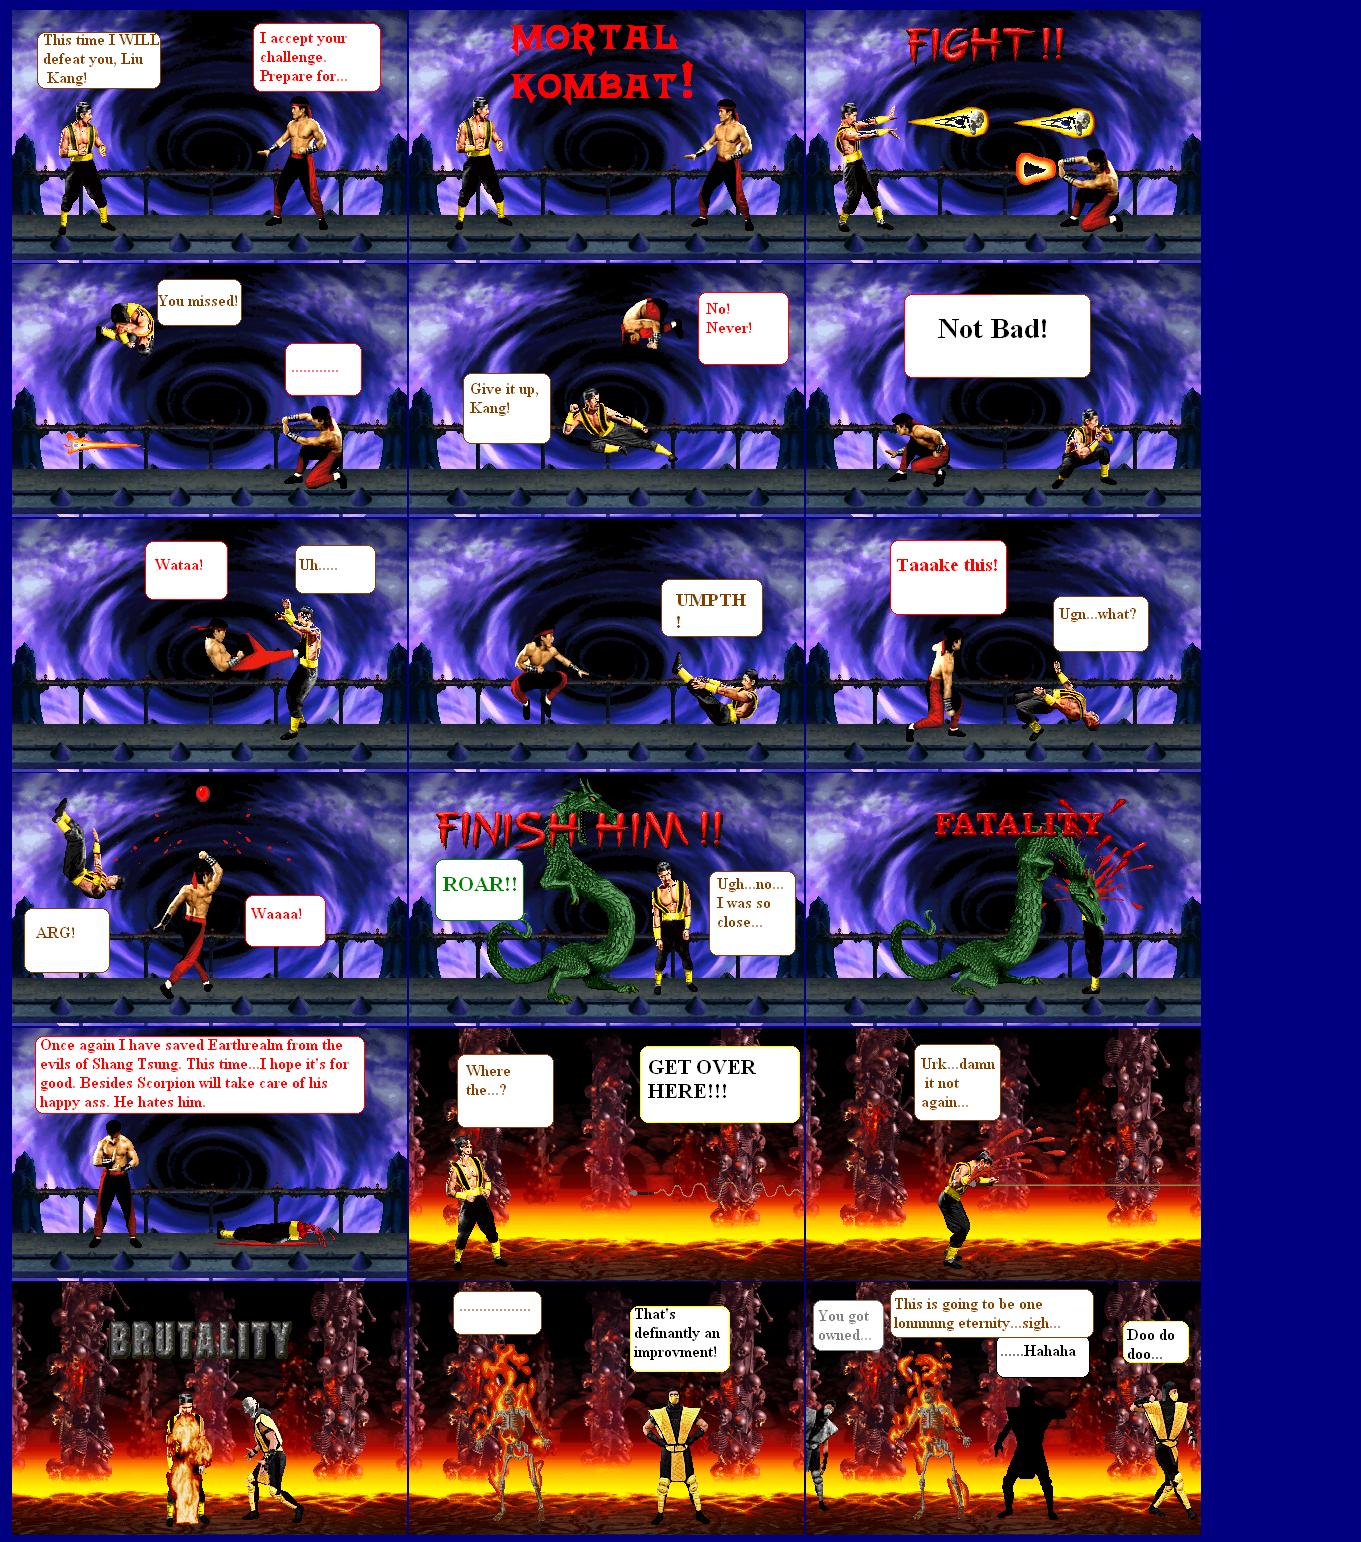 Mortal kombat shang tsung vs liu kang - photo#15